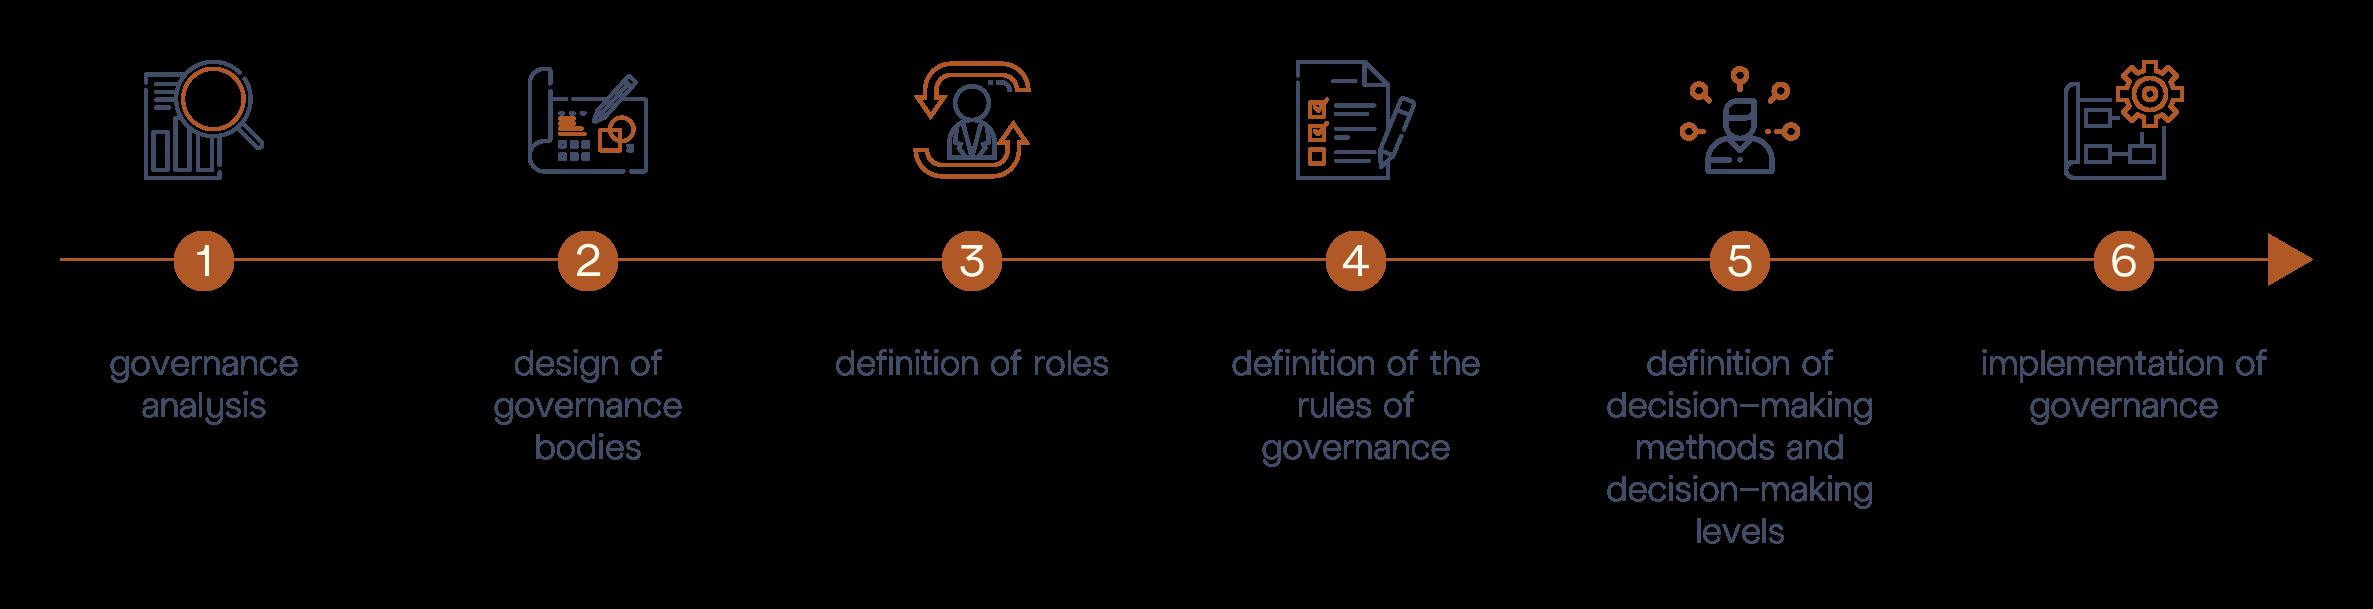 M&BD © Governance Audit - Diagram Steps